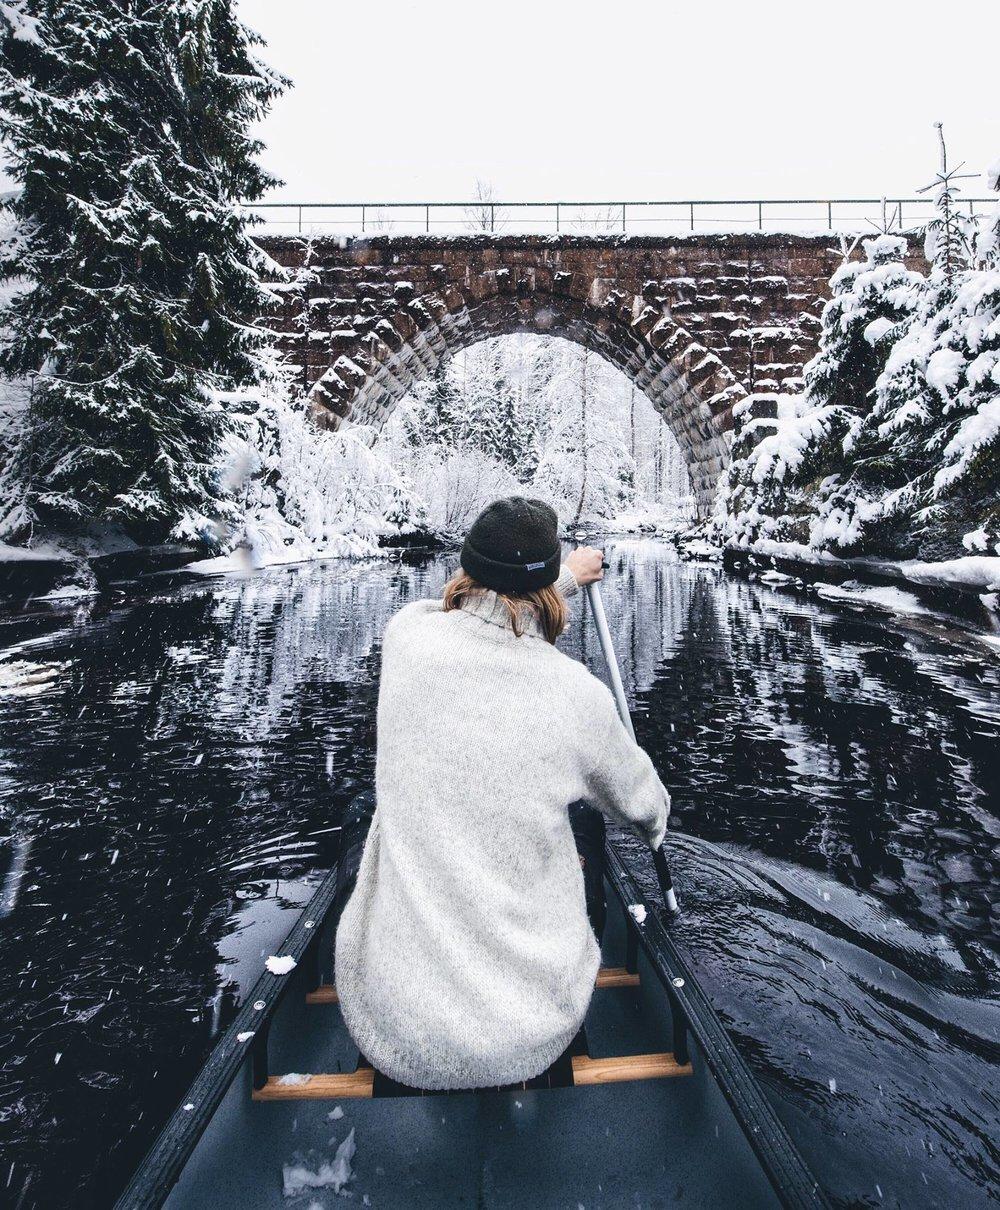 henrik.koskelo.river.winter.canoe.jpg